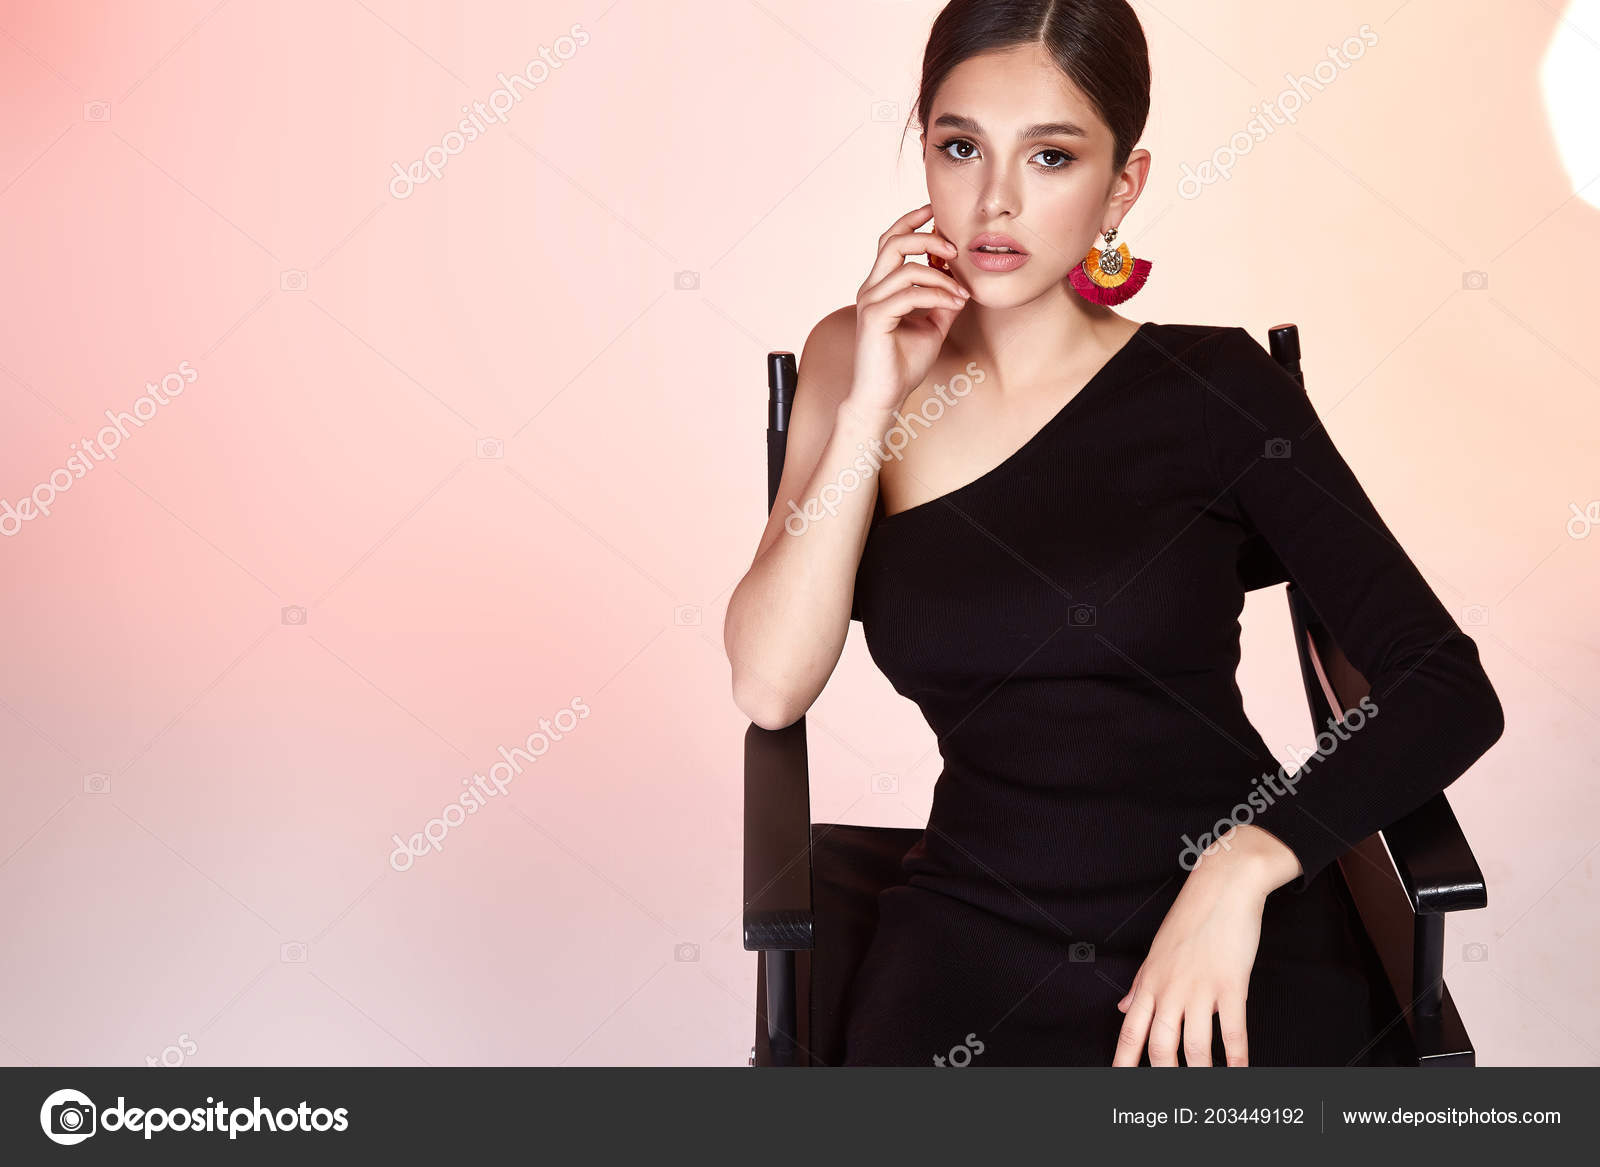 291de421dd0a Bonita Dama Sexy Modelo Glamour Moda Mujer Hermosa Estudio Fondo ...